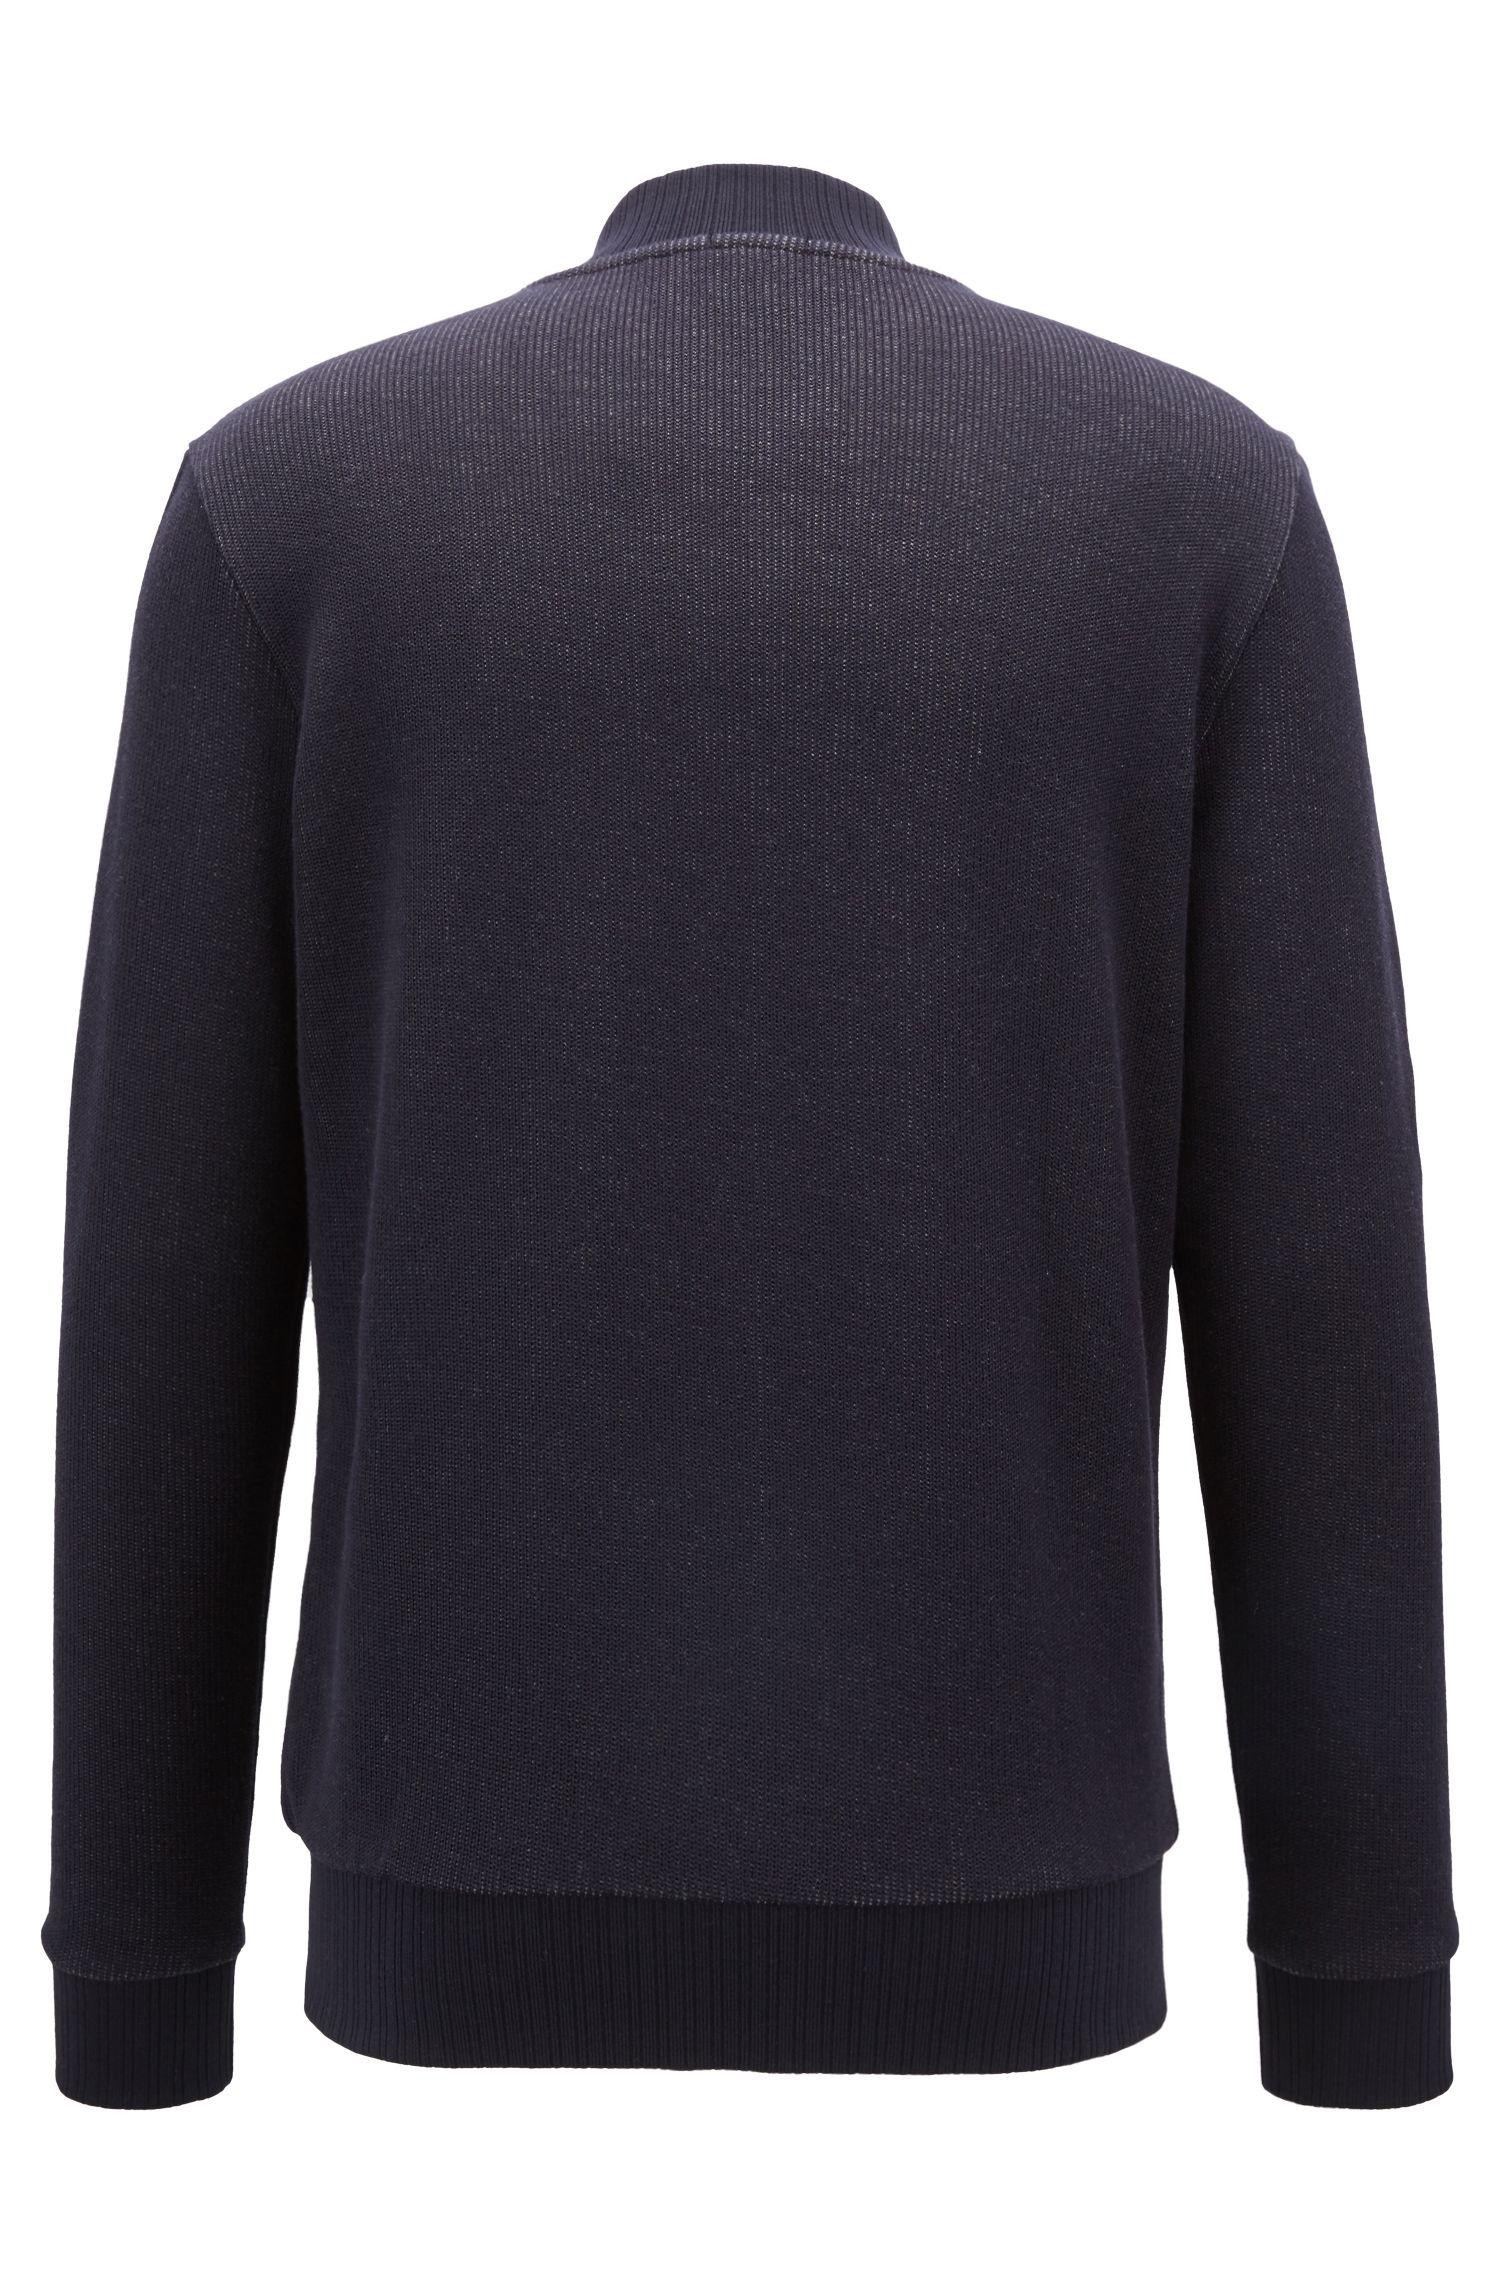 Sweat zippé style blouson en jersey de coton double face, Bleu